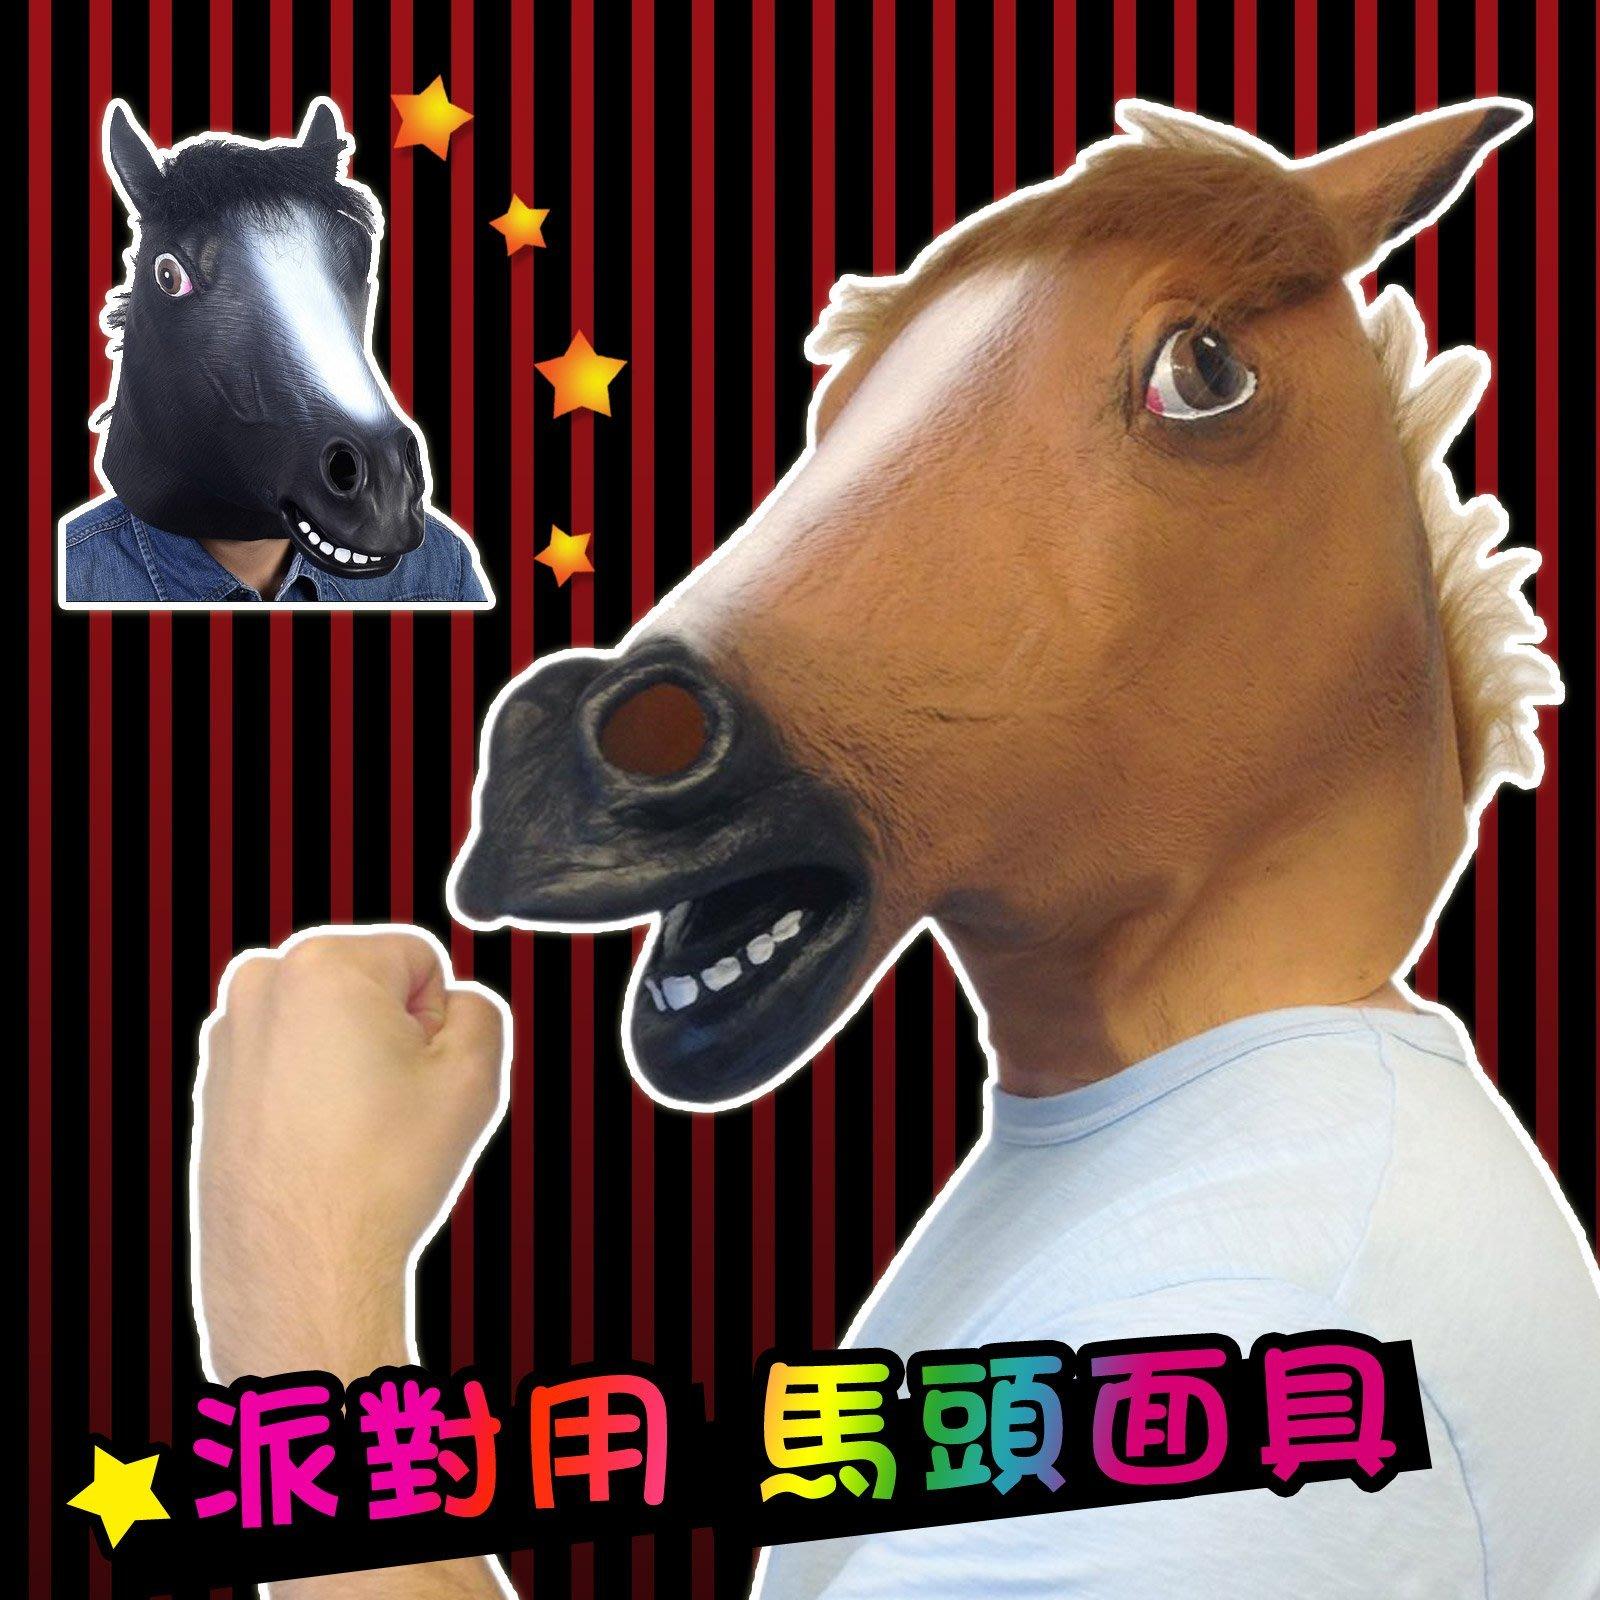 馬頭面具【POP10】尾牙搞笑婚紗道具 變裝整人萬聖節聖誕跨年☆雙兒網☆